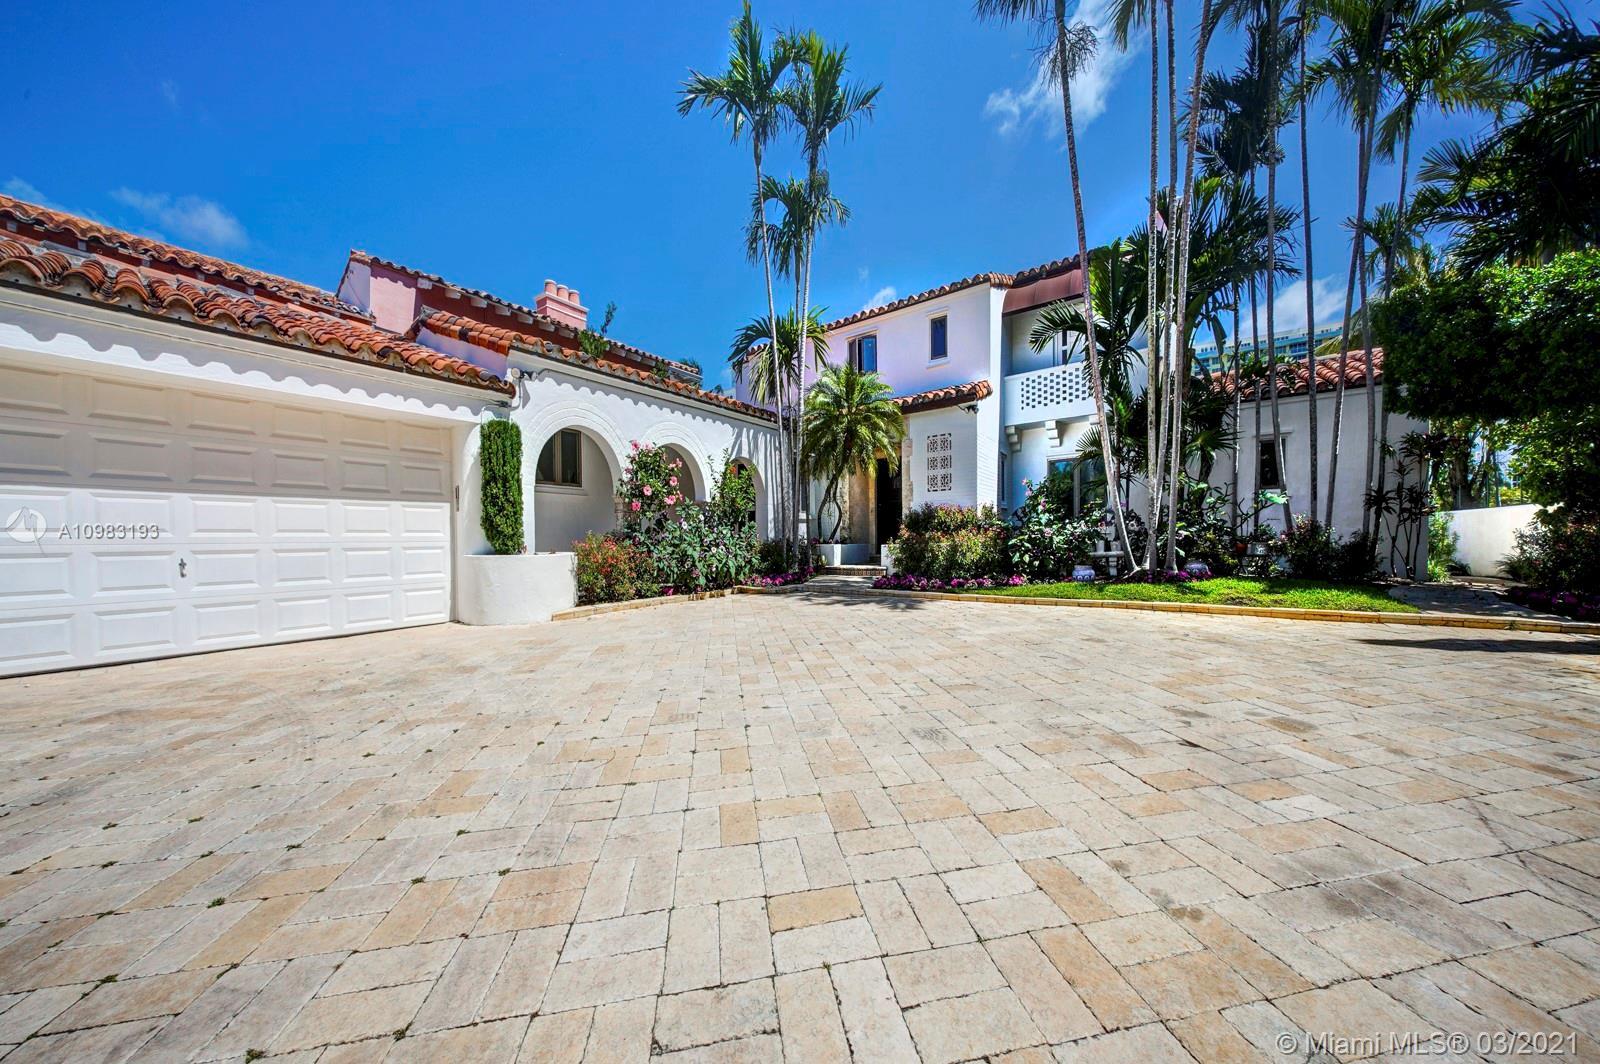 Beach View - 5661 Pine Tree Dr, Miami Beach, FL 33140